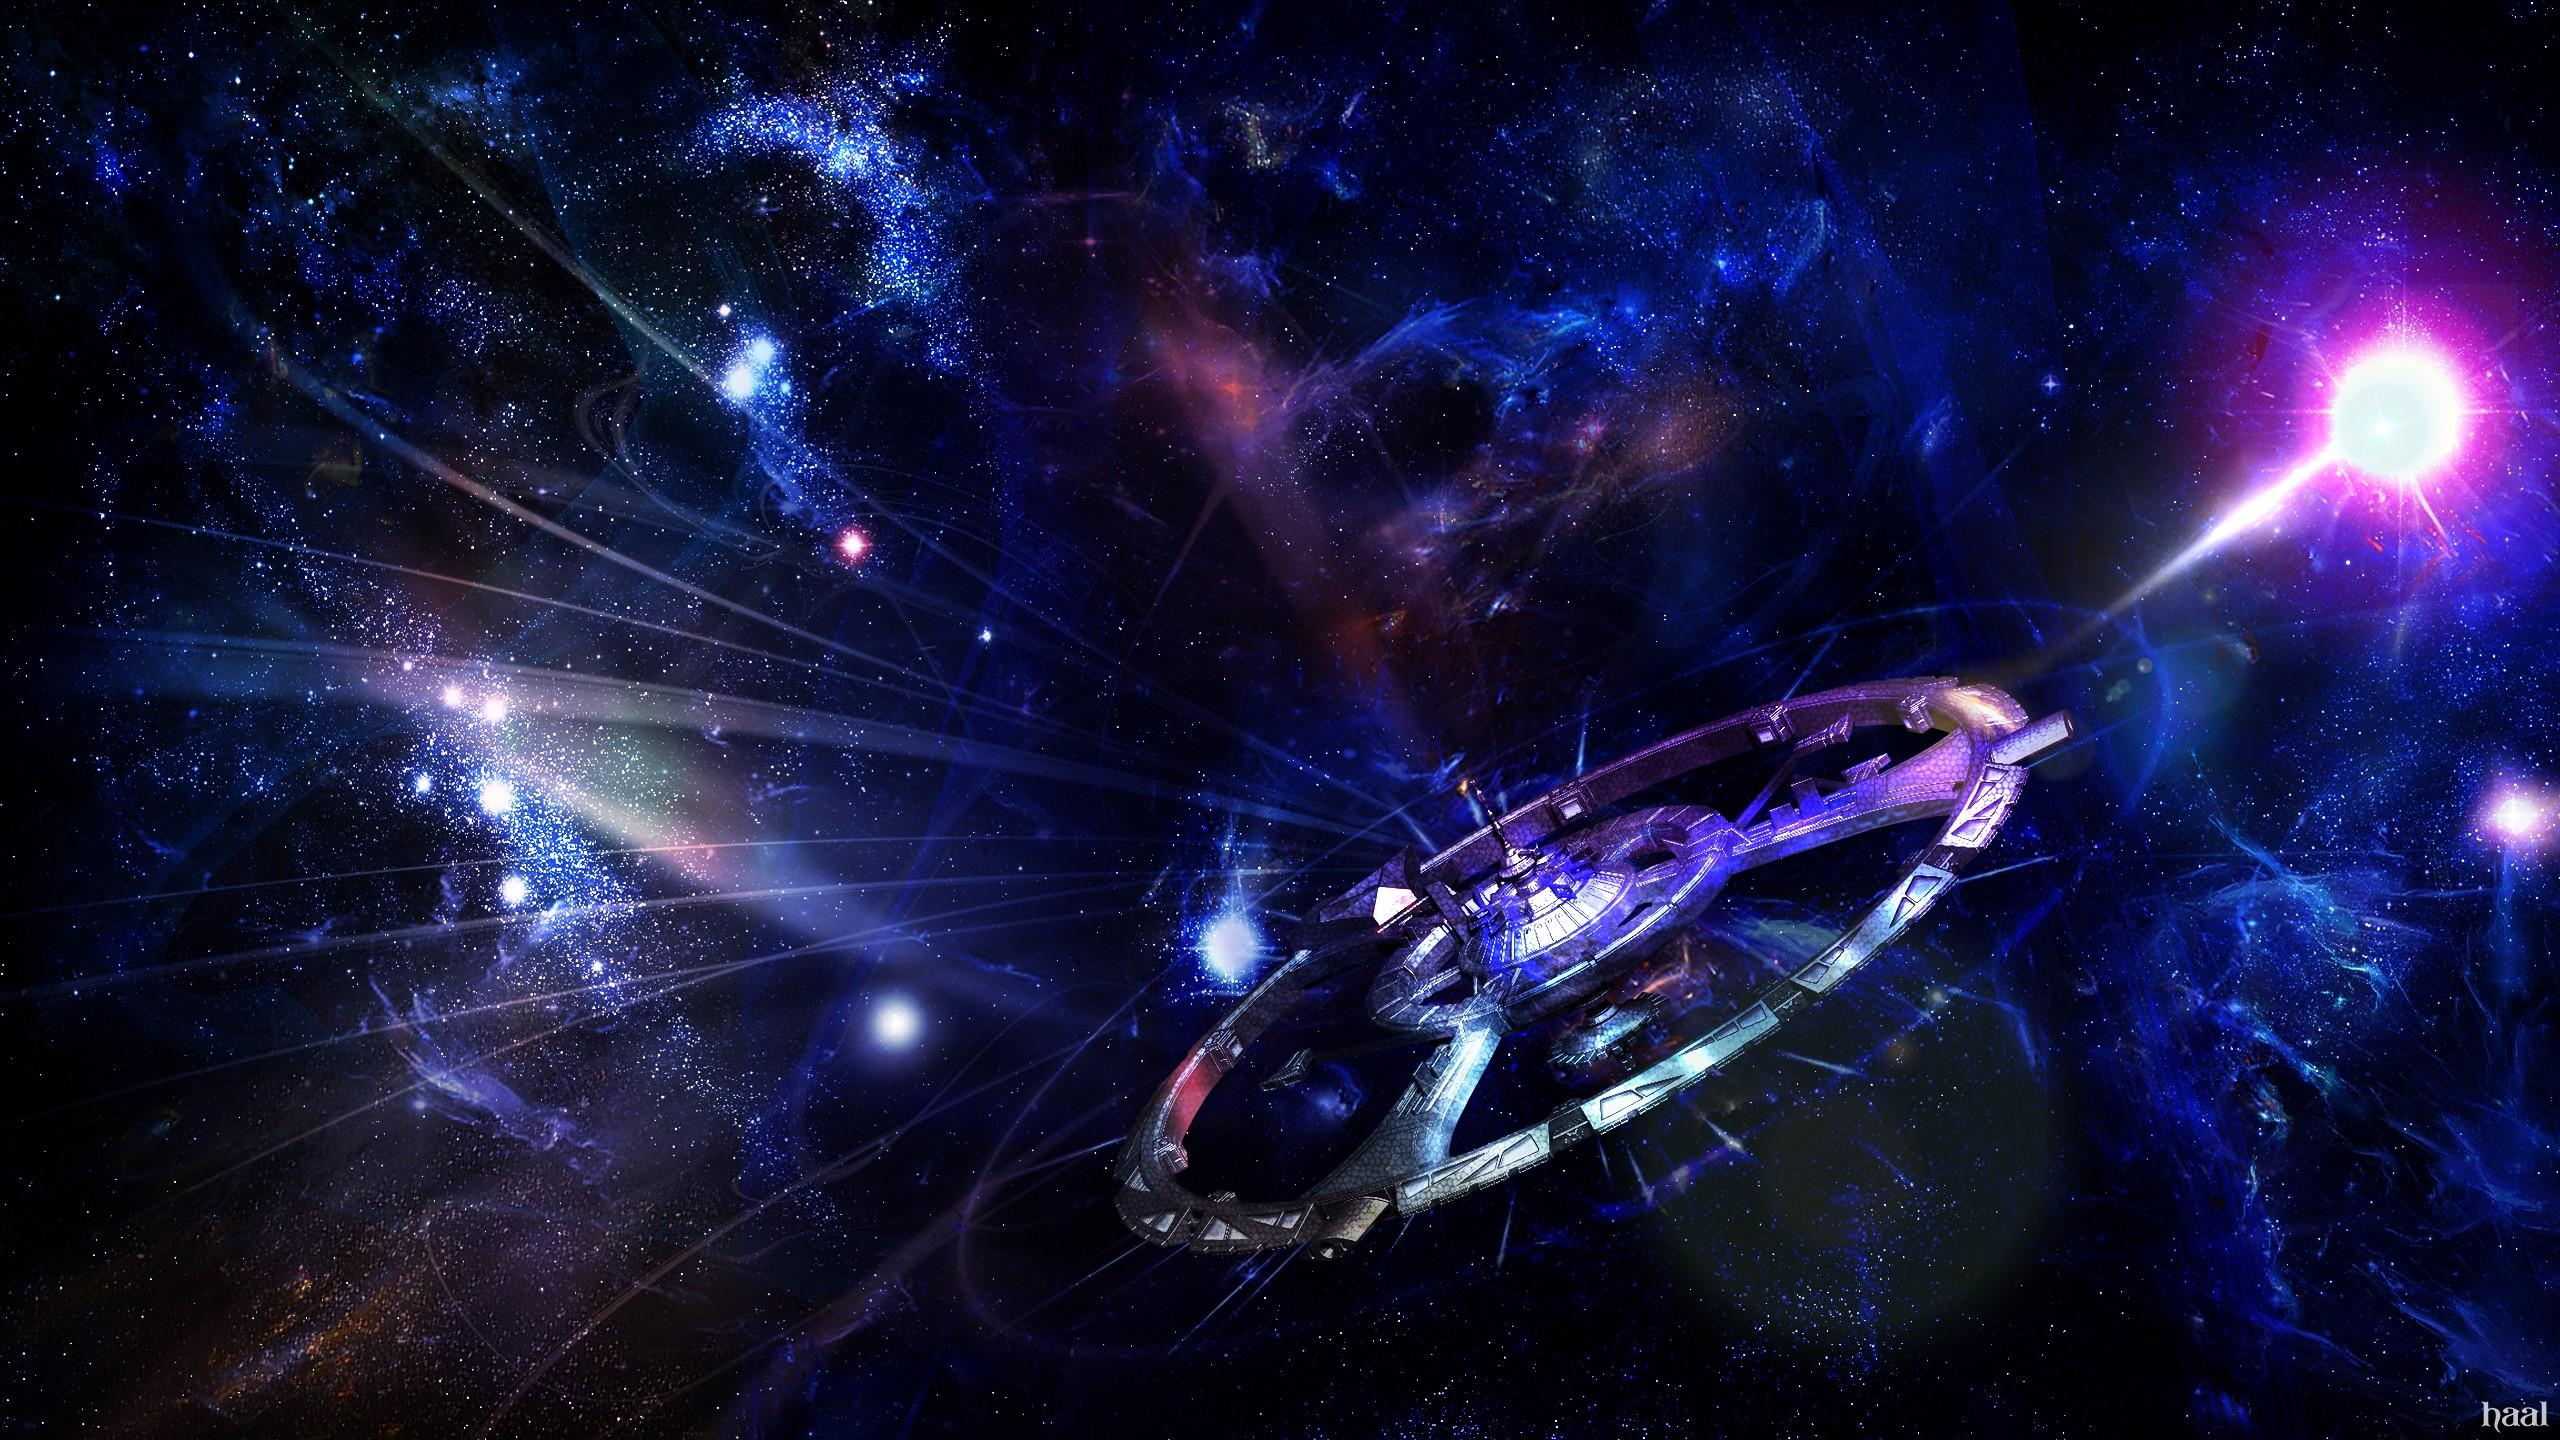 Alien Spaceship Wallpaper - WallpaperSafari